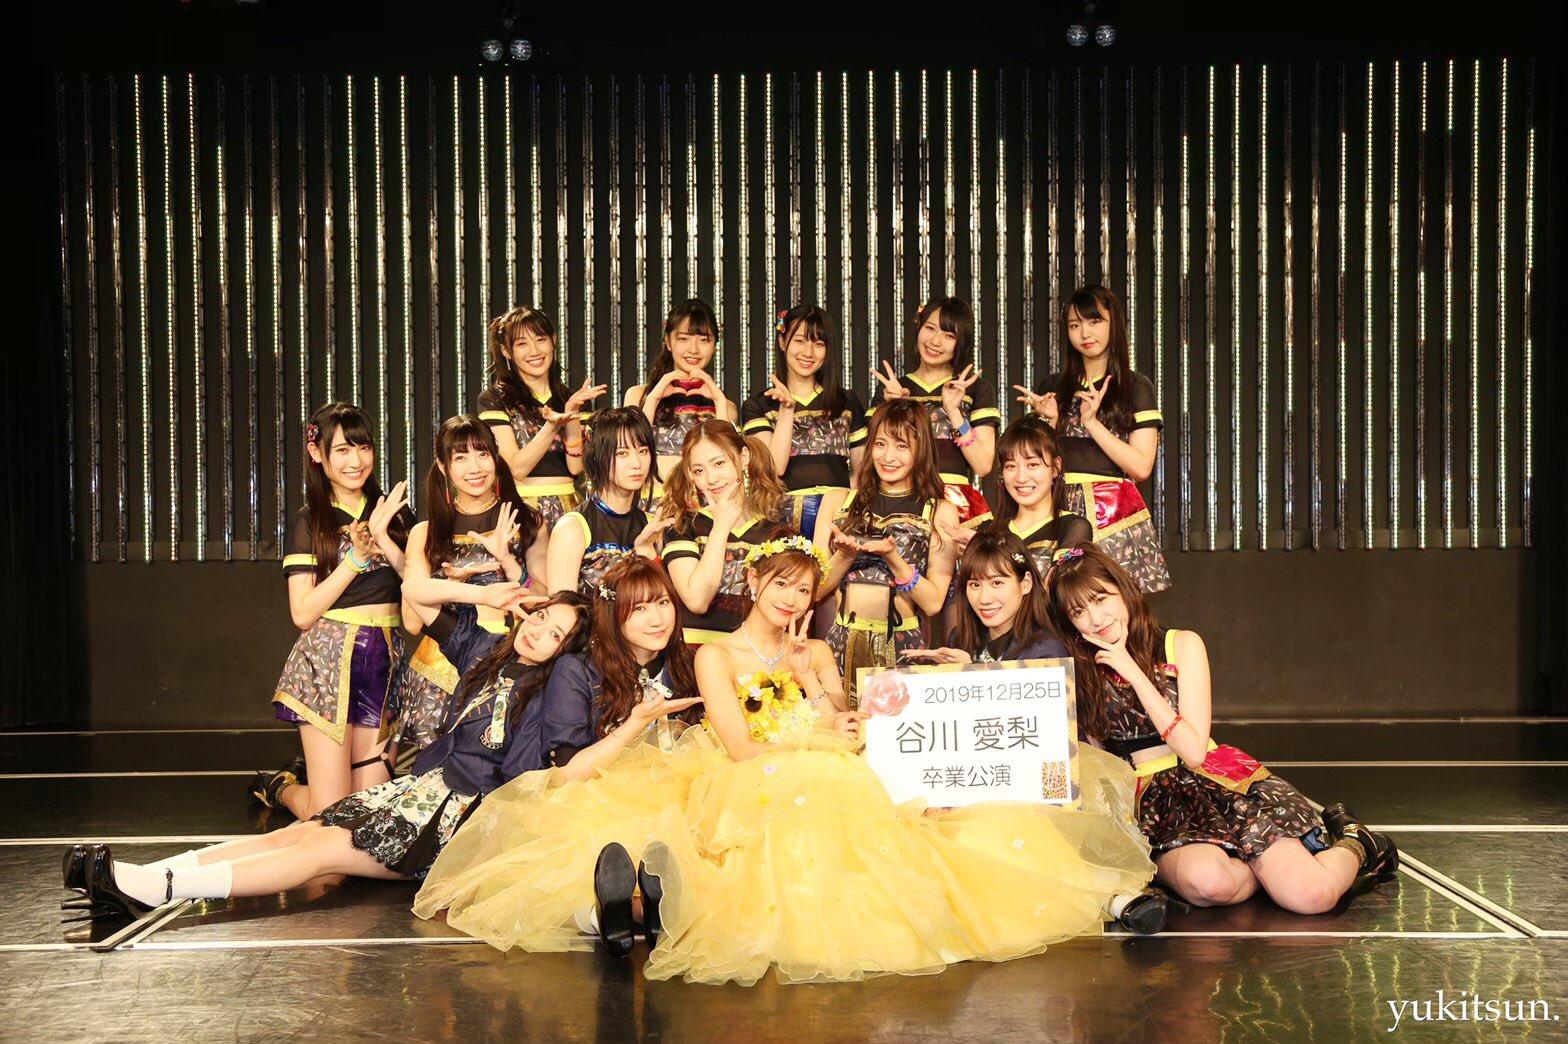 谷川 愛梨 卒業 コンサート